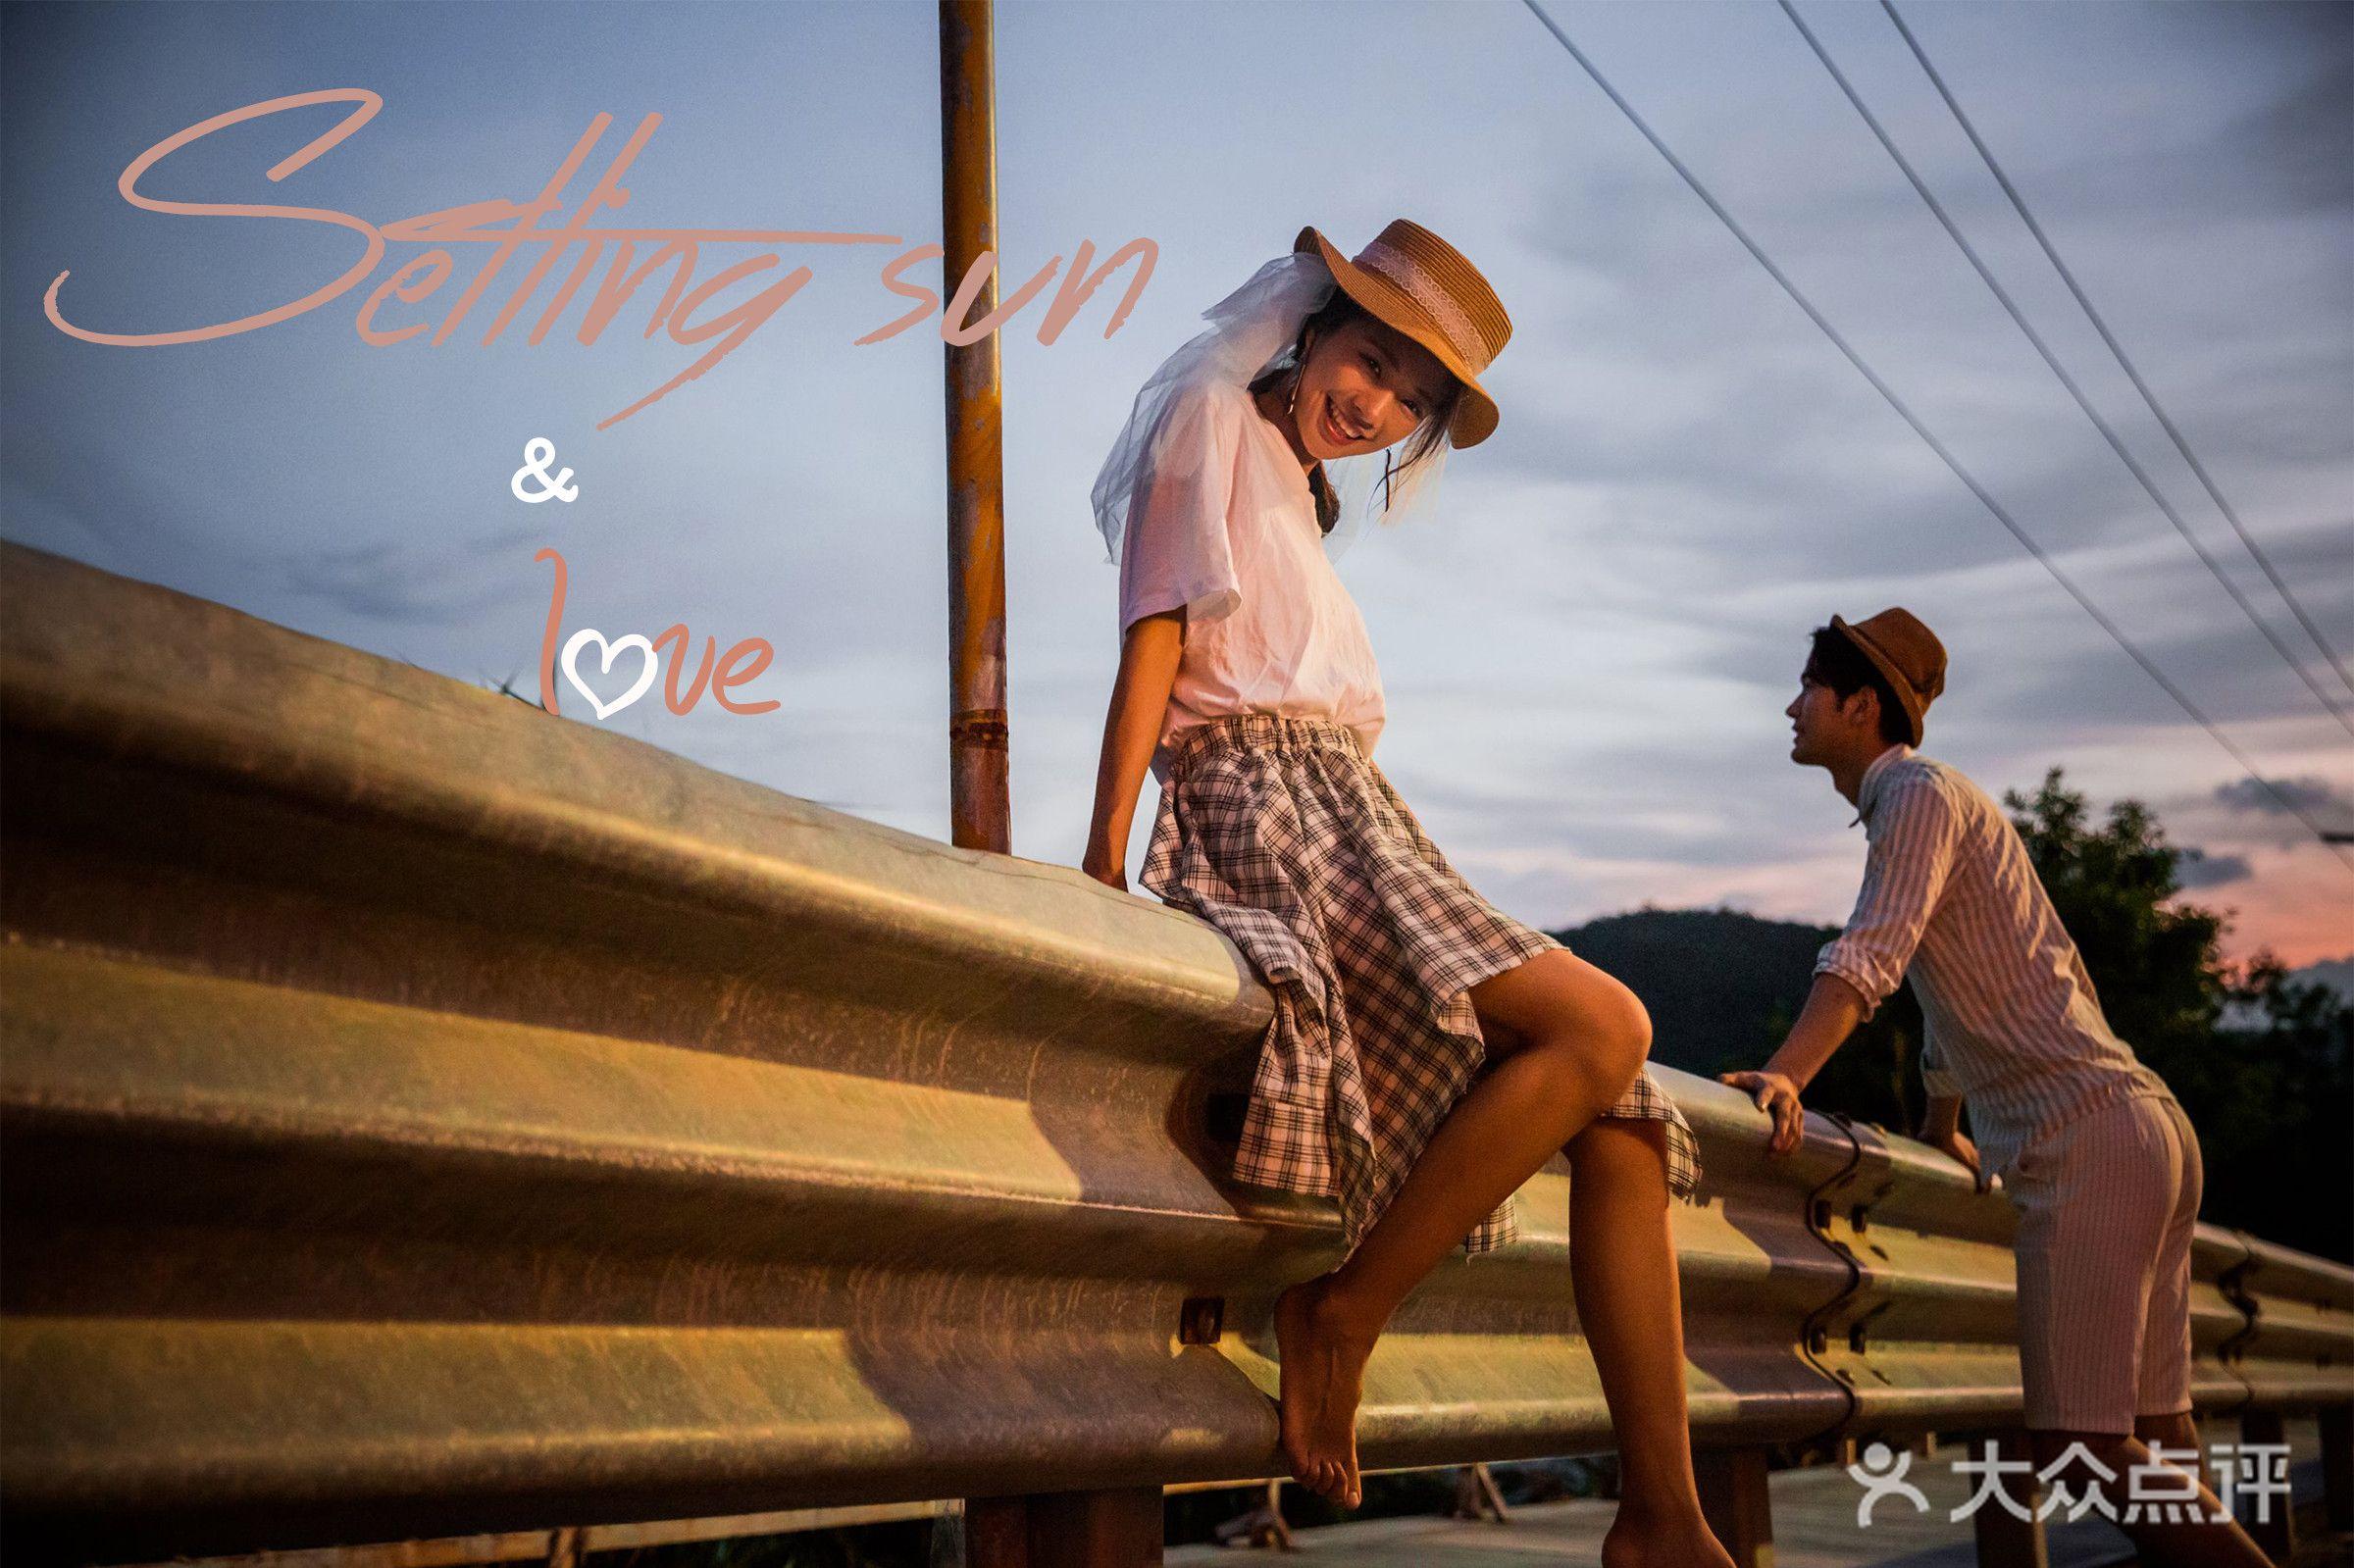 里约国际摄影【私人定制婚纱照】的图片